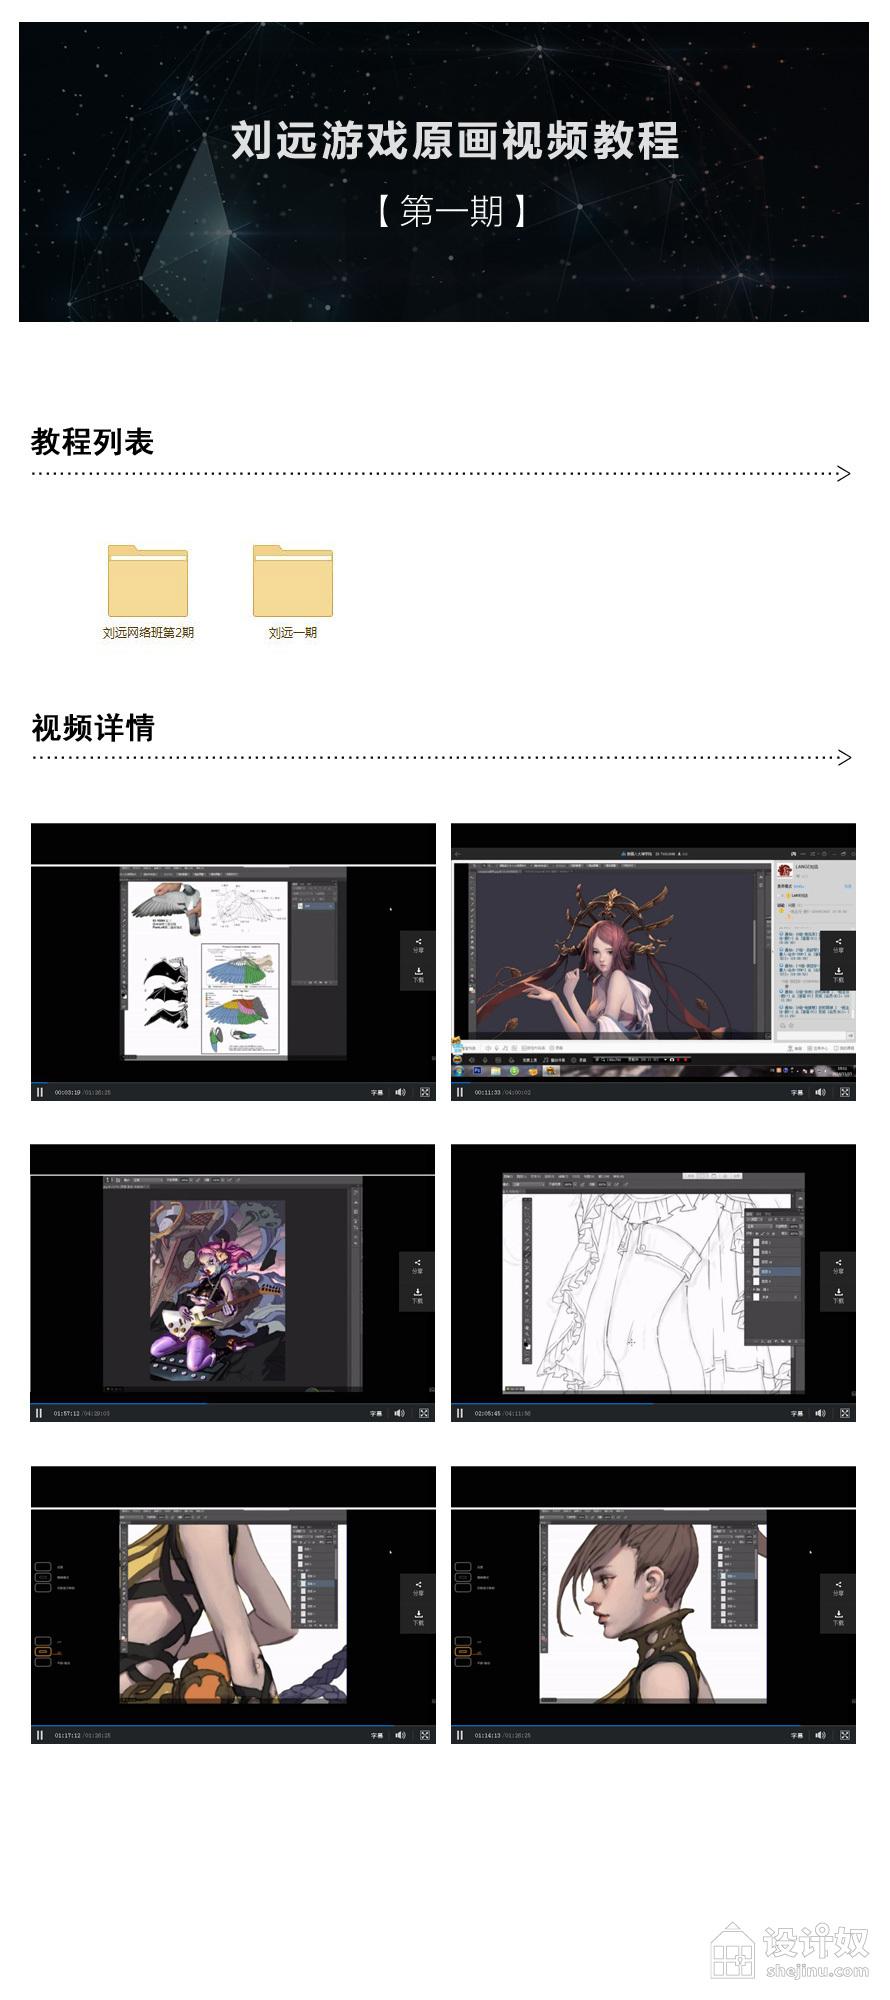 刘远游戏原画视频教程(第一期)